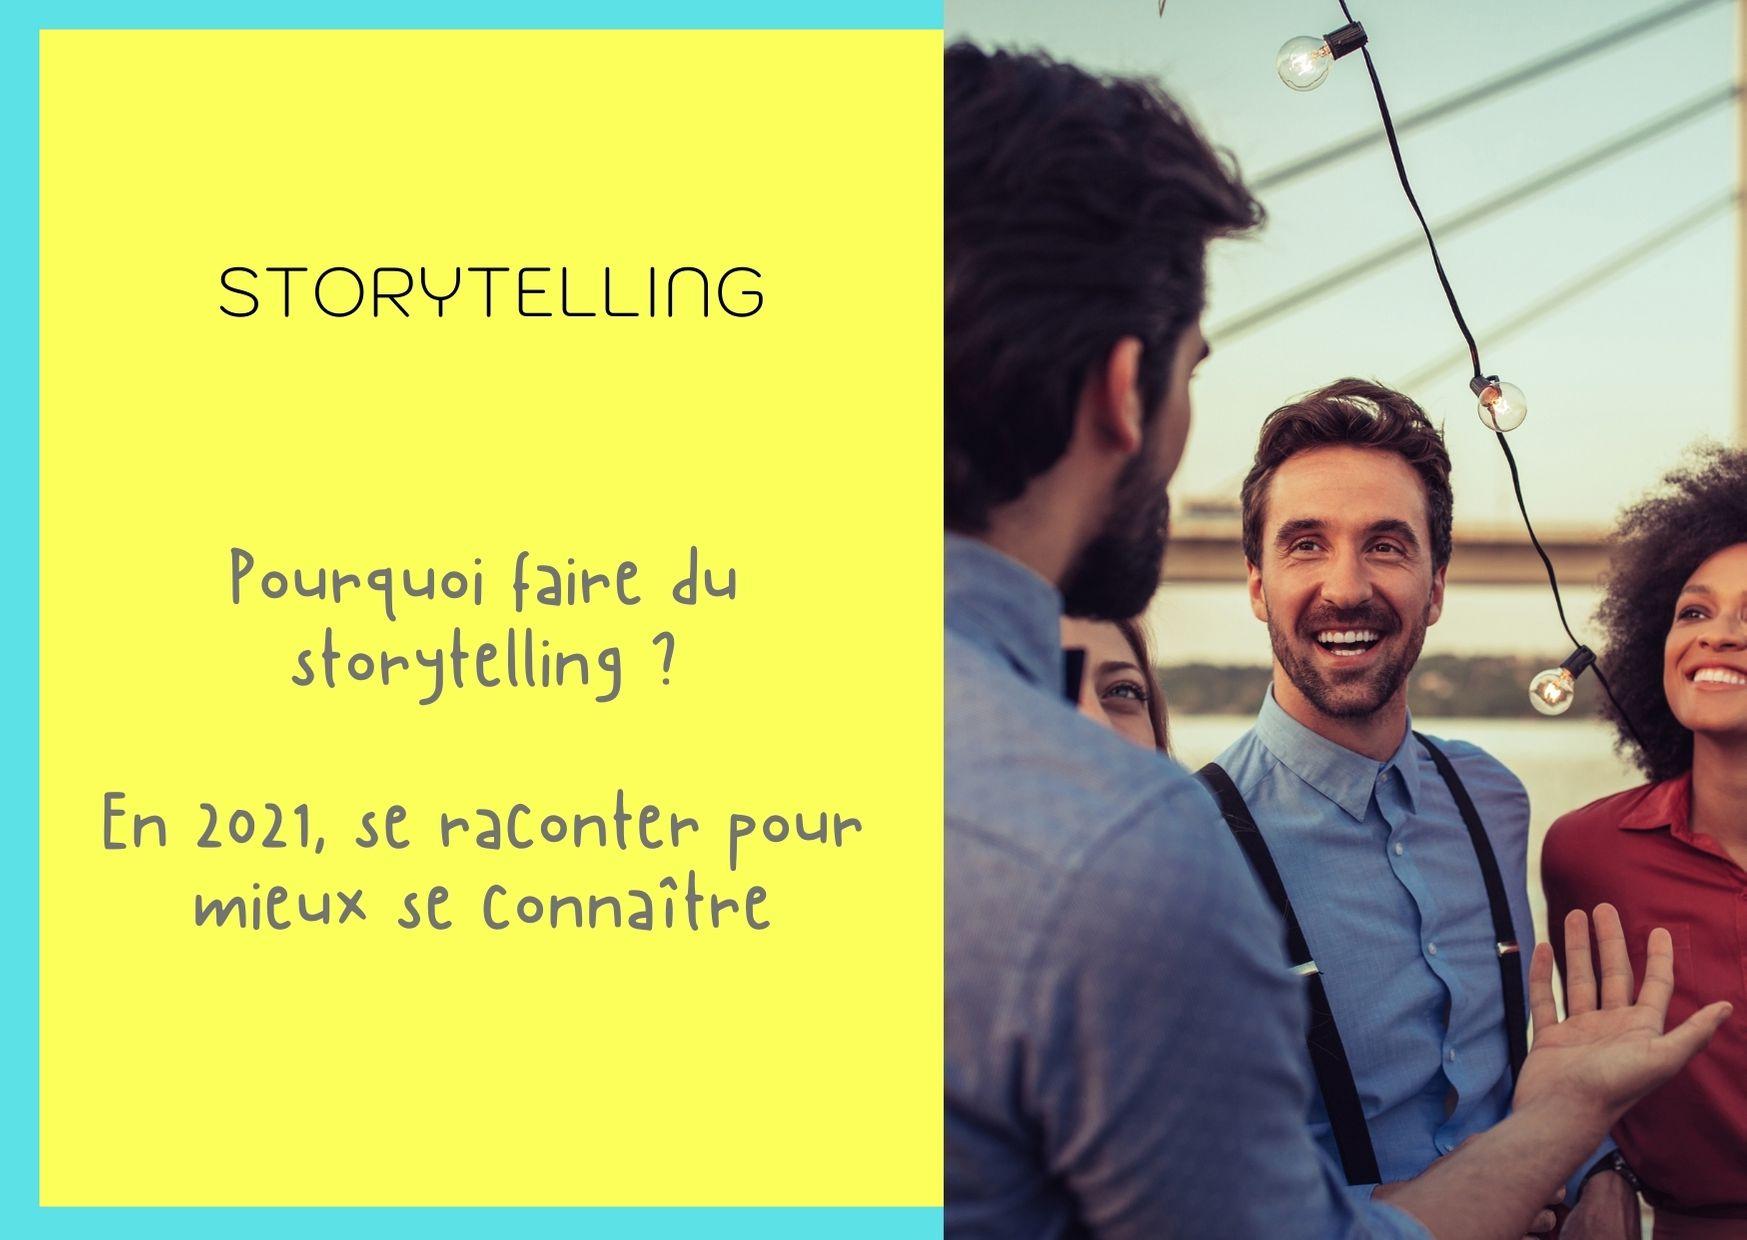 Pourquoi faire du storytelling ?